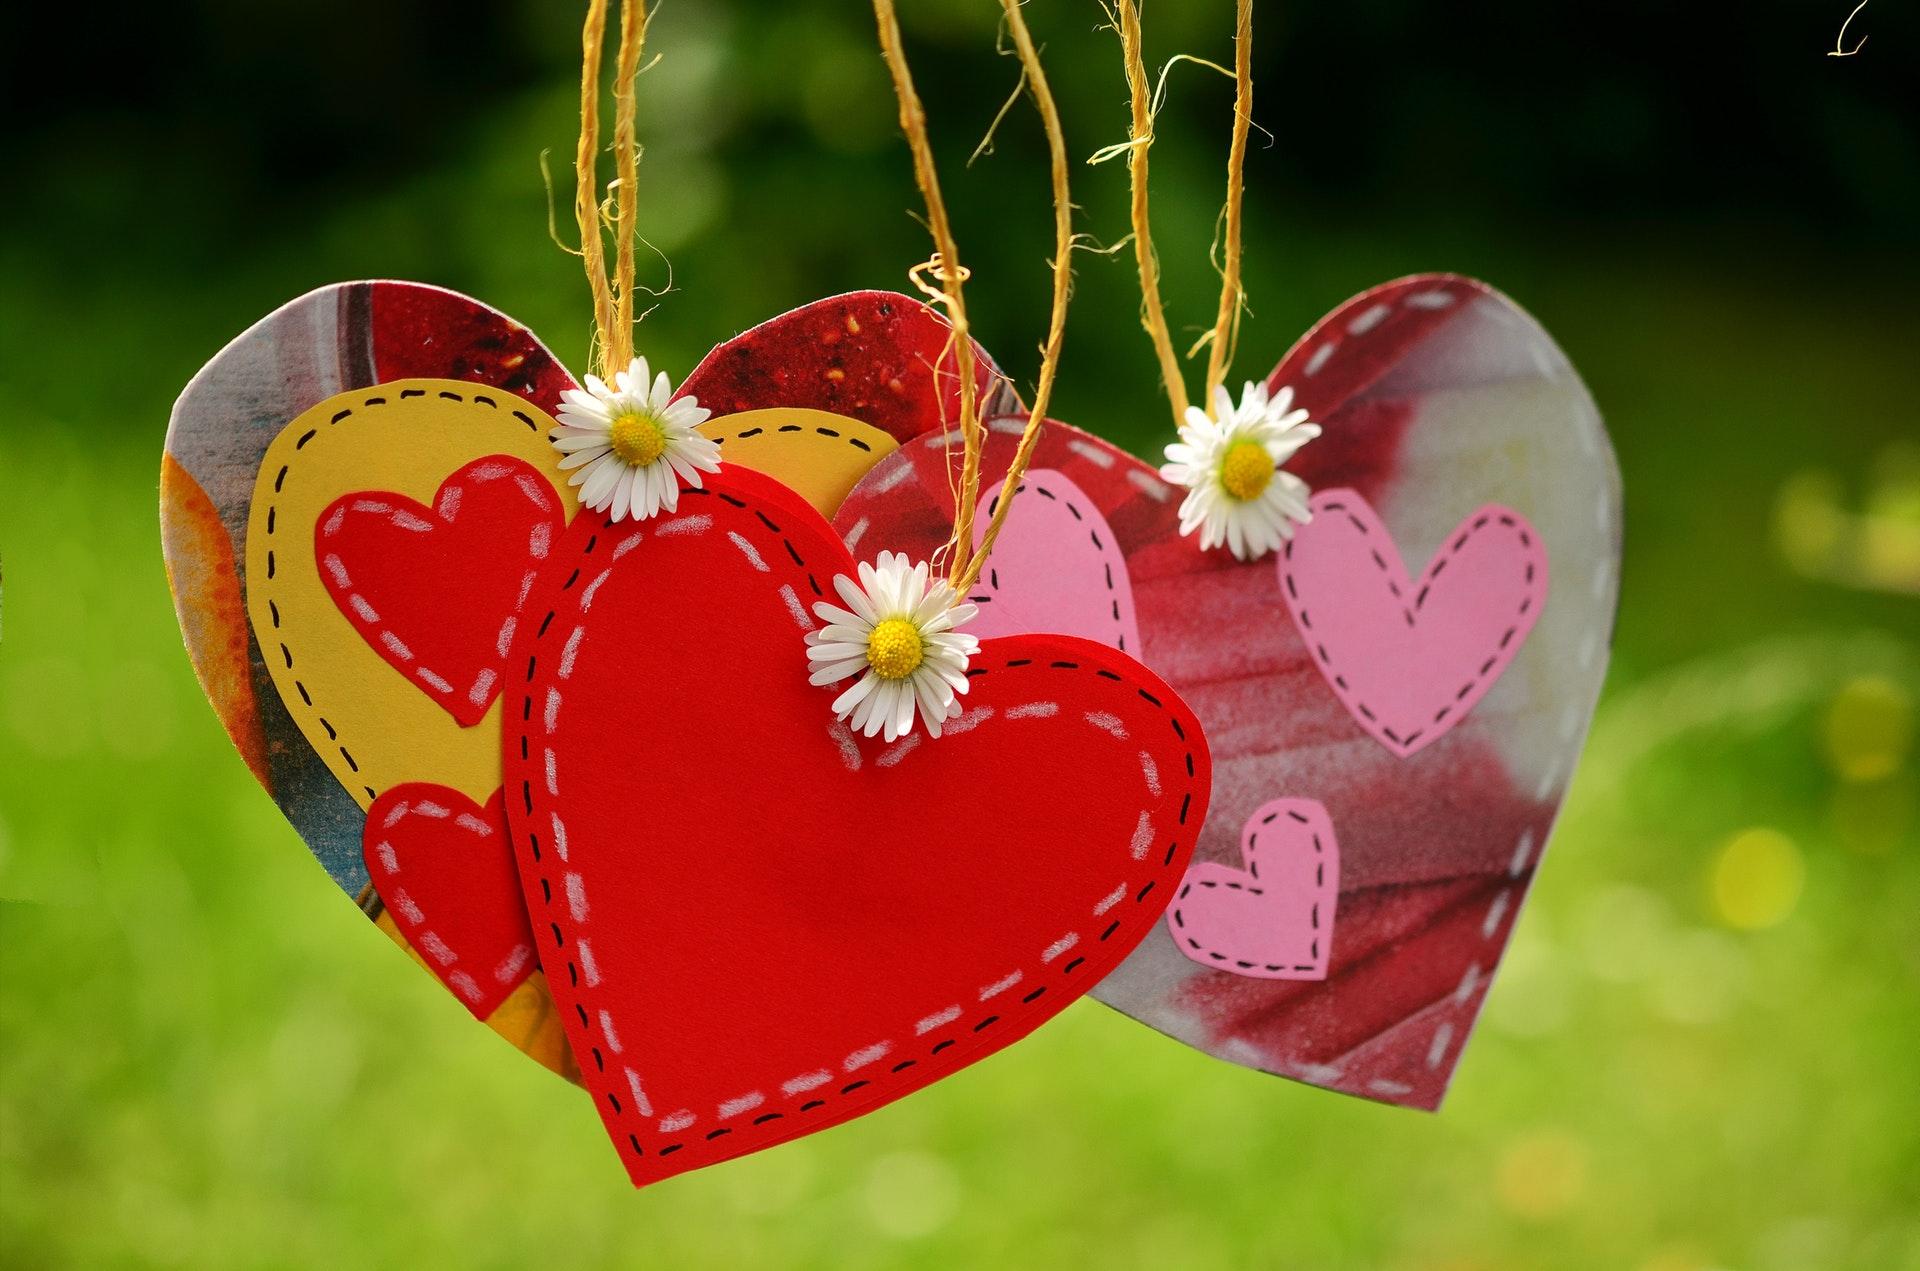 Według naukowców miłość można podzielić na trzy etapy: pożądanie, przyciąganie i przywiązanie (fot. pexels.com)